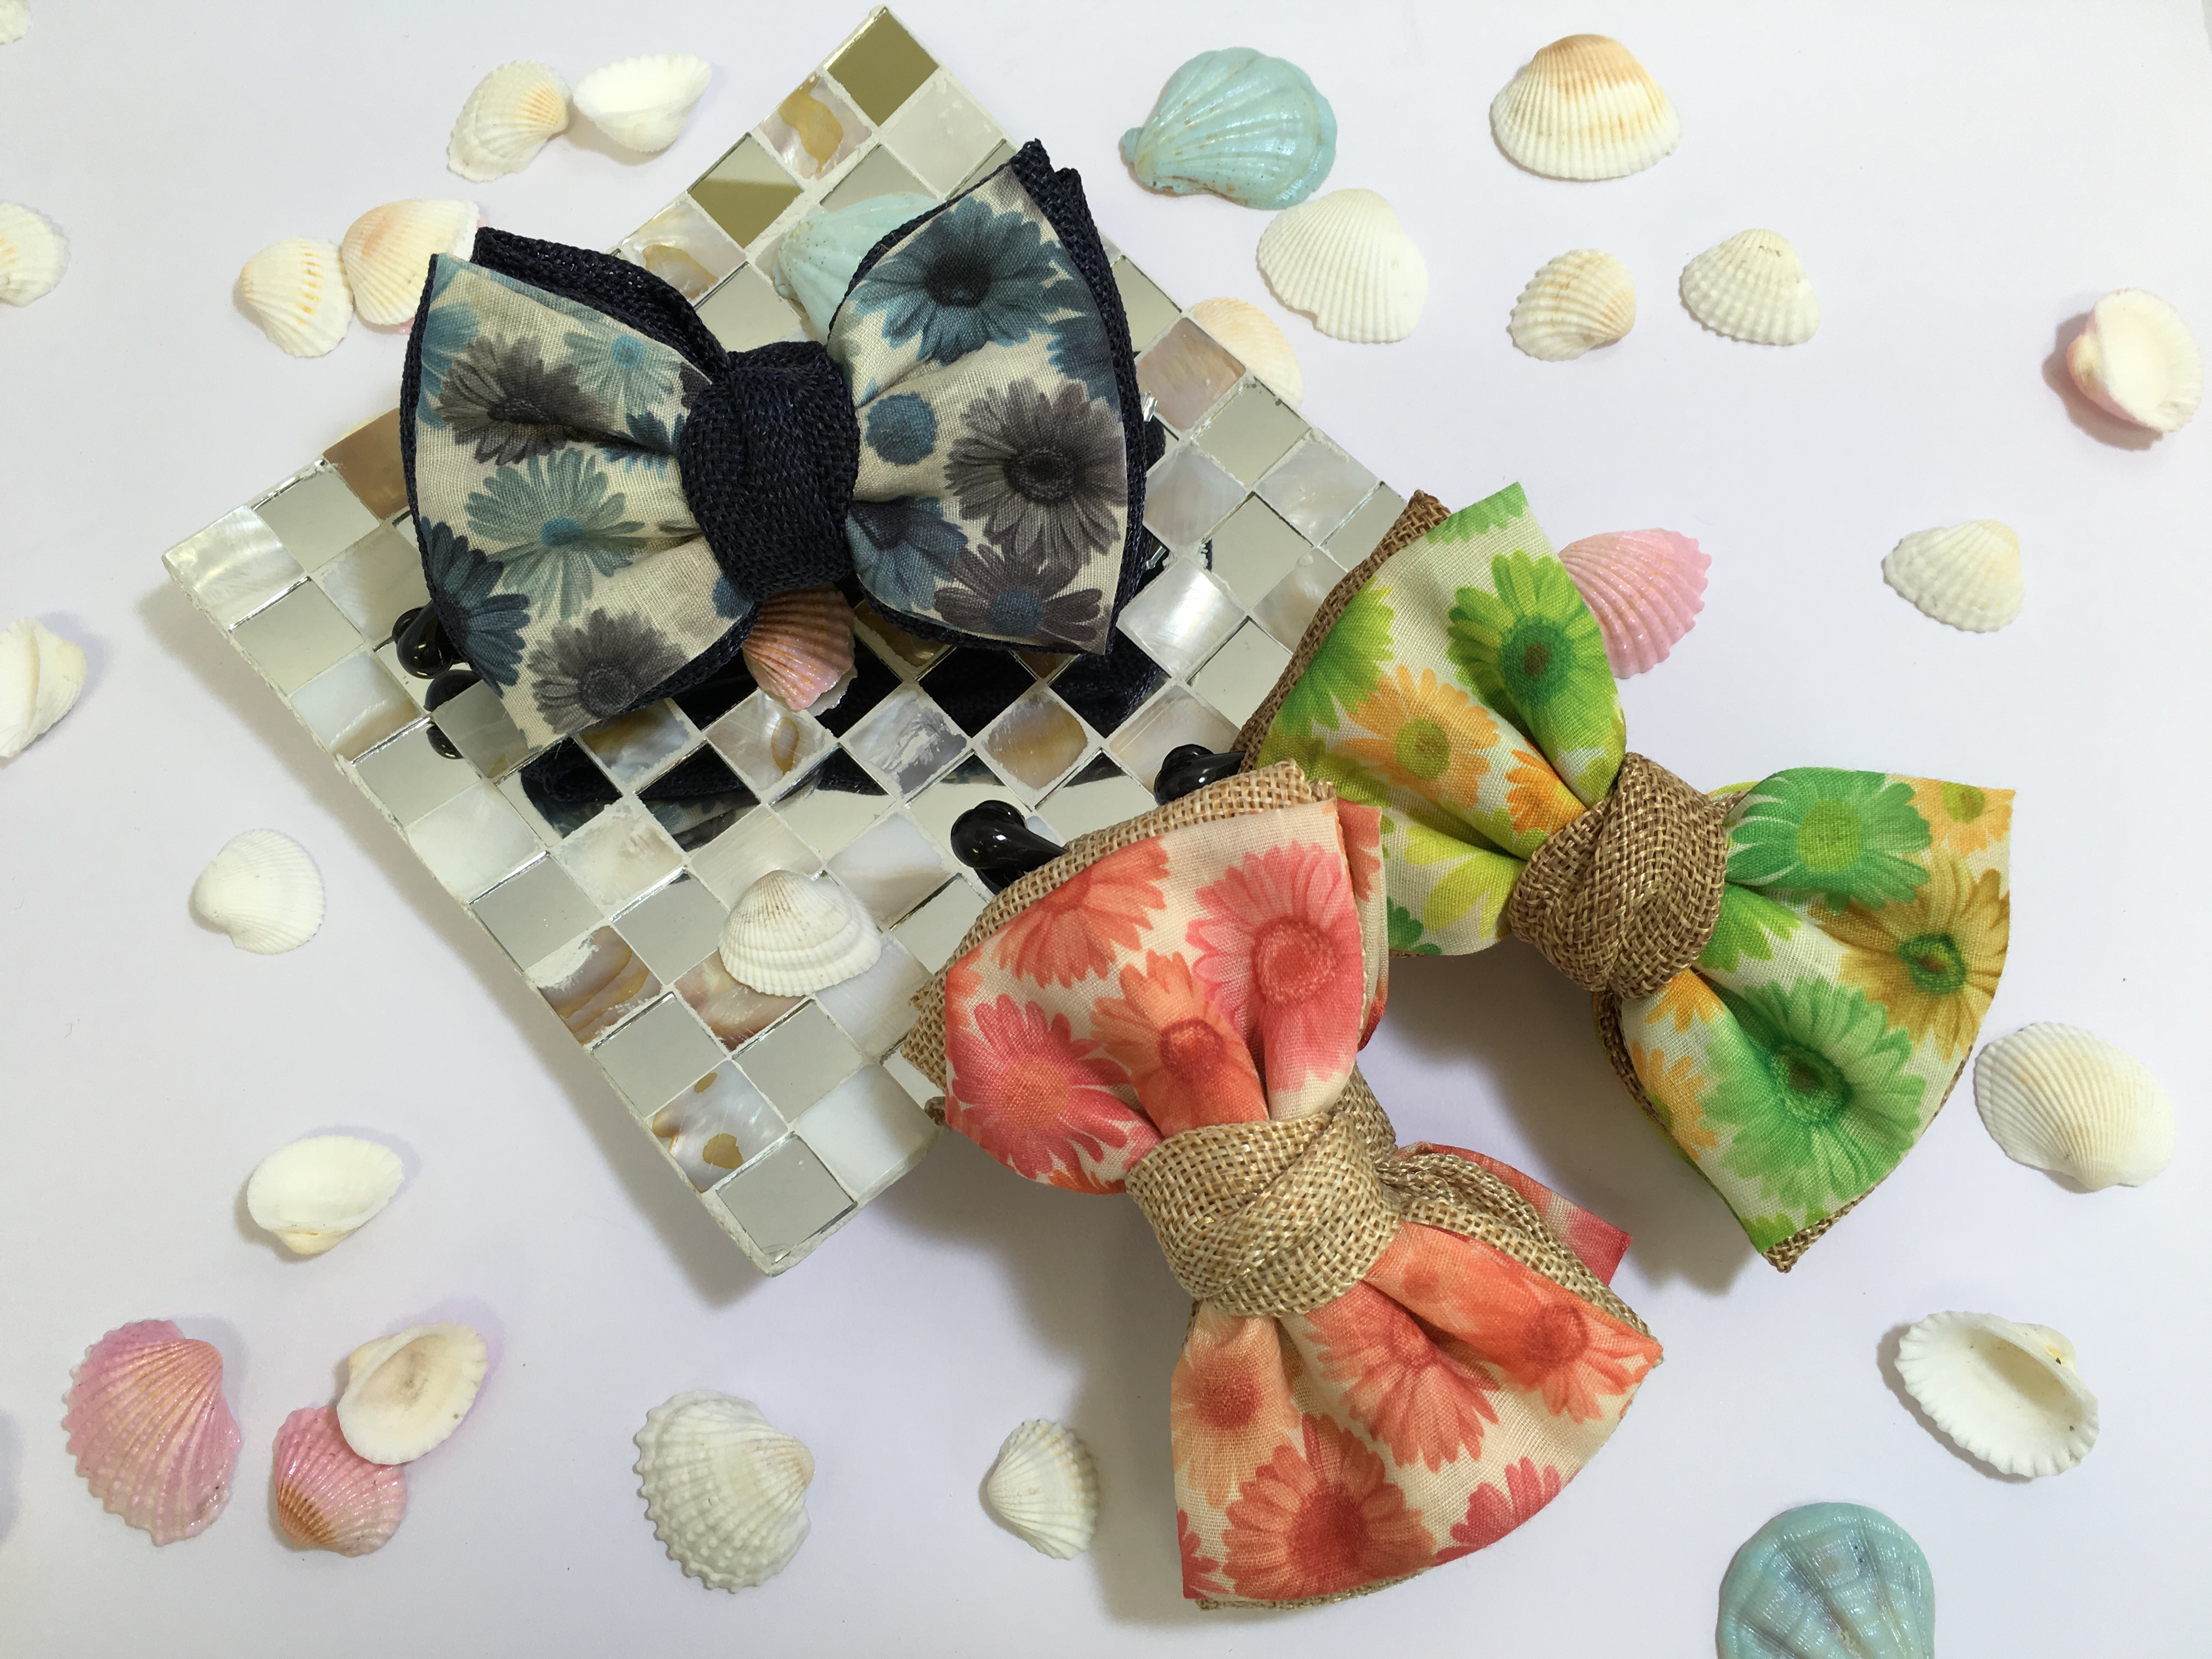 夏らしい花柄と麻のコンビが爽やかなバナナクリップ!いつものアップスタイルが簡単おしゃれに!